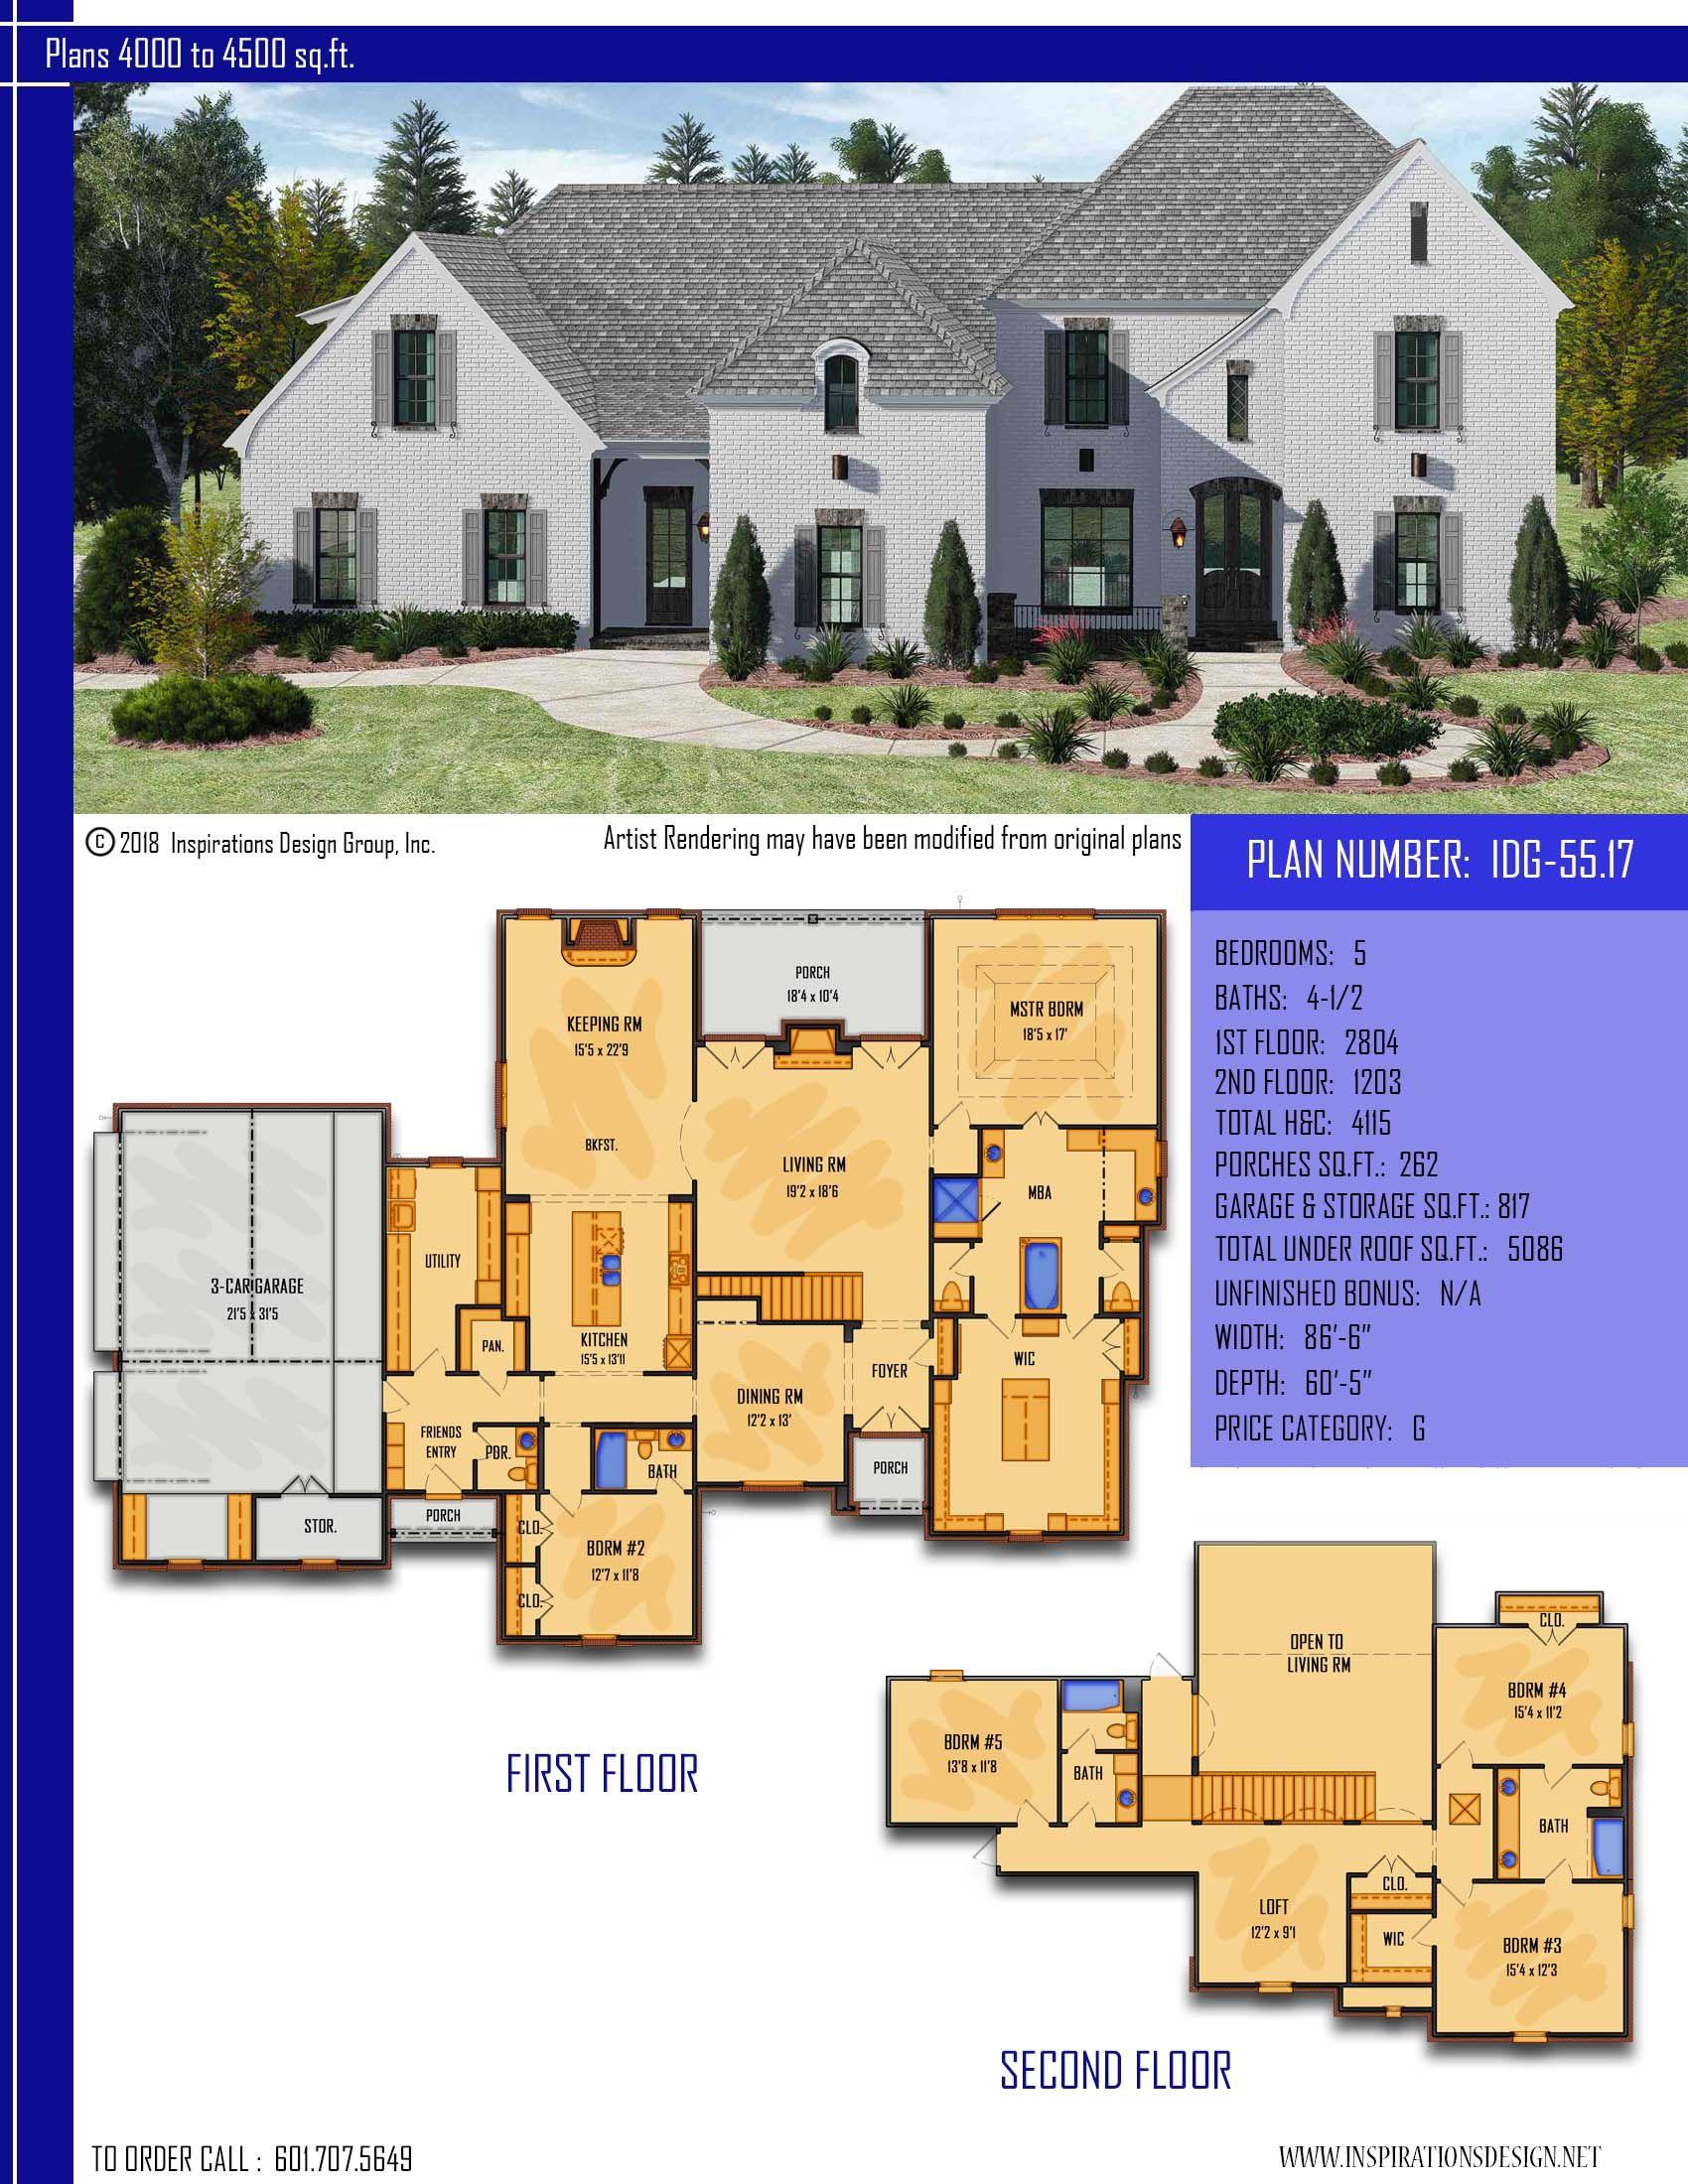 Plan Idg 55 17 Exquisite Open Concept 4115 Sq Ft 5 Bdrm 4 1 2 Bath House Plans Farmhouse House Plans Farmhouse Plans